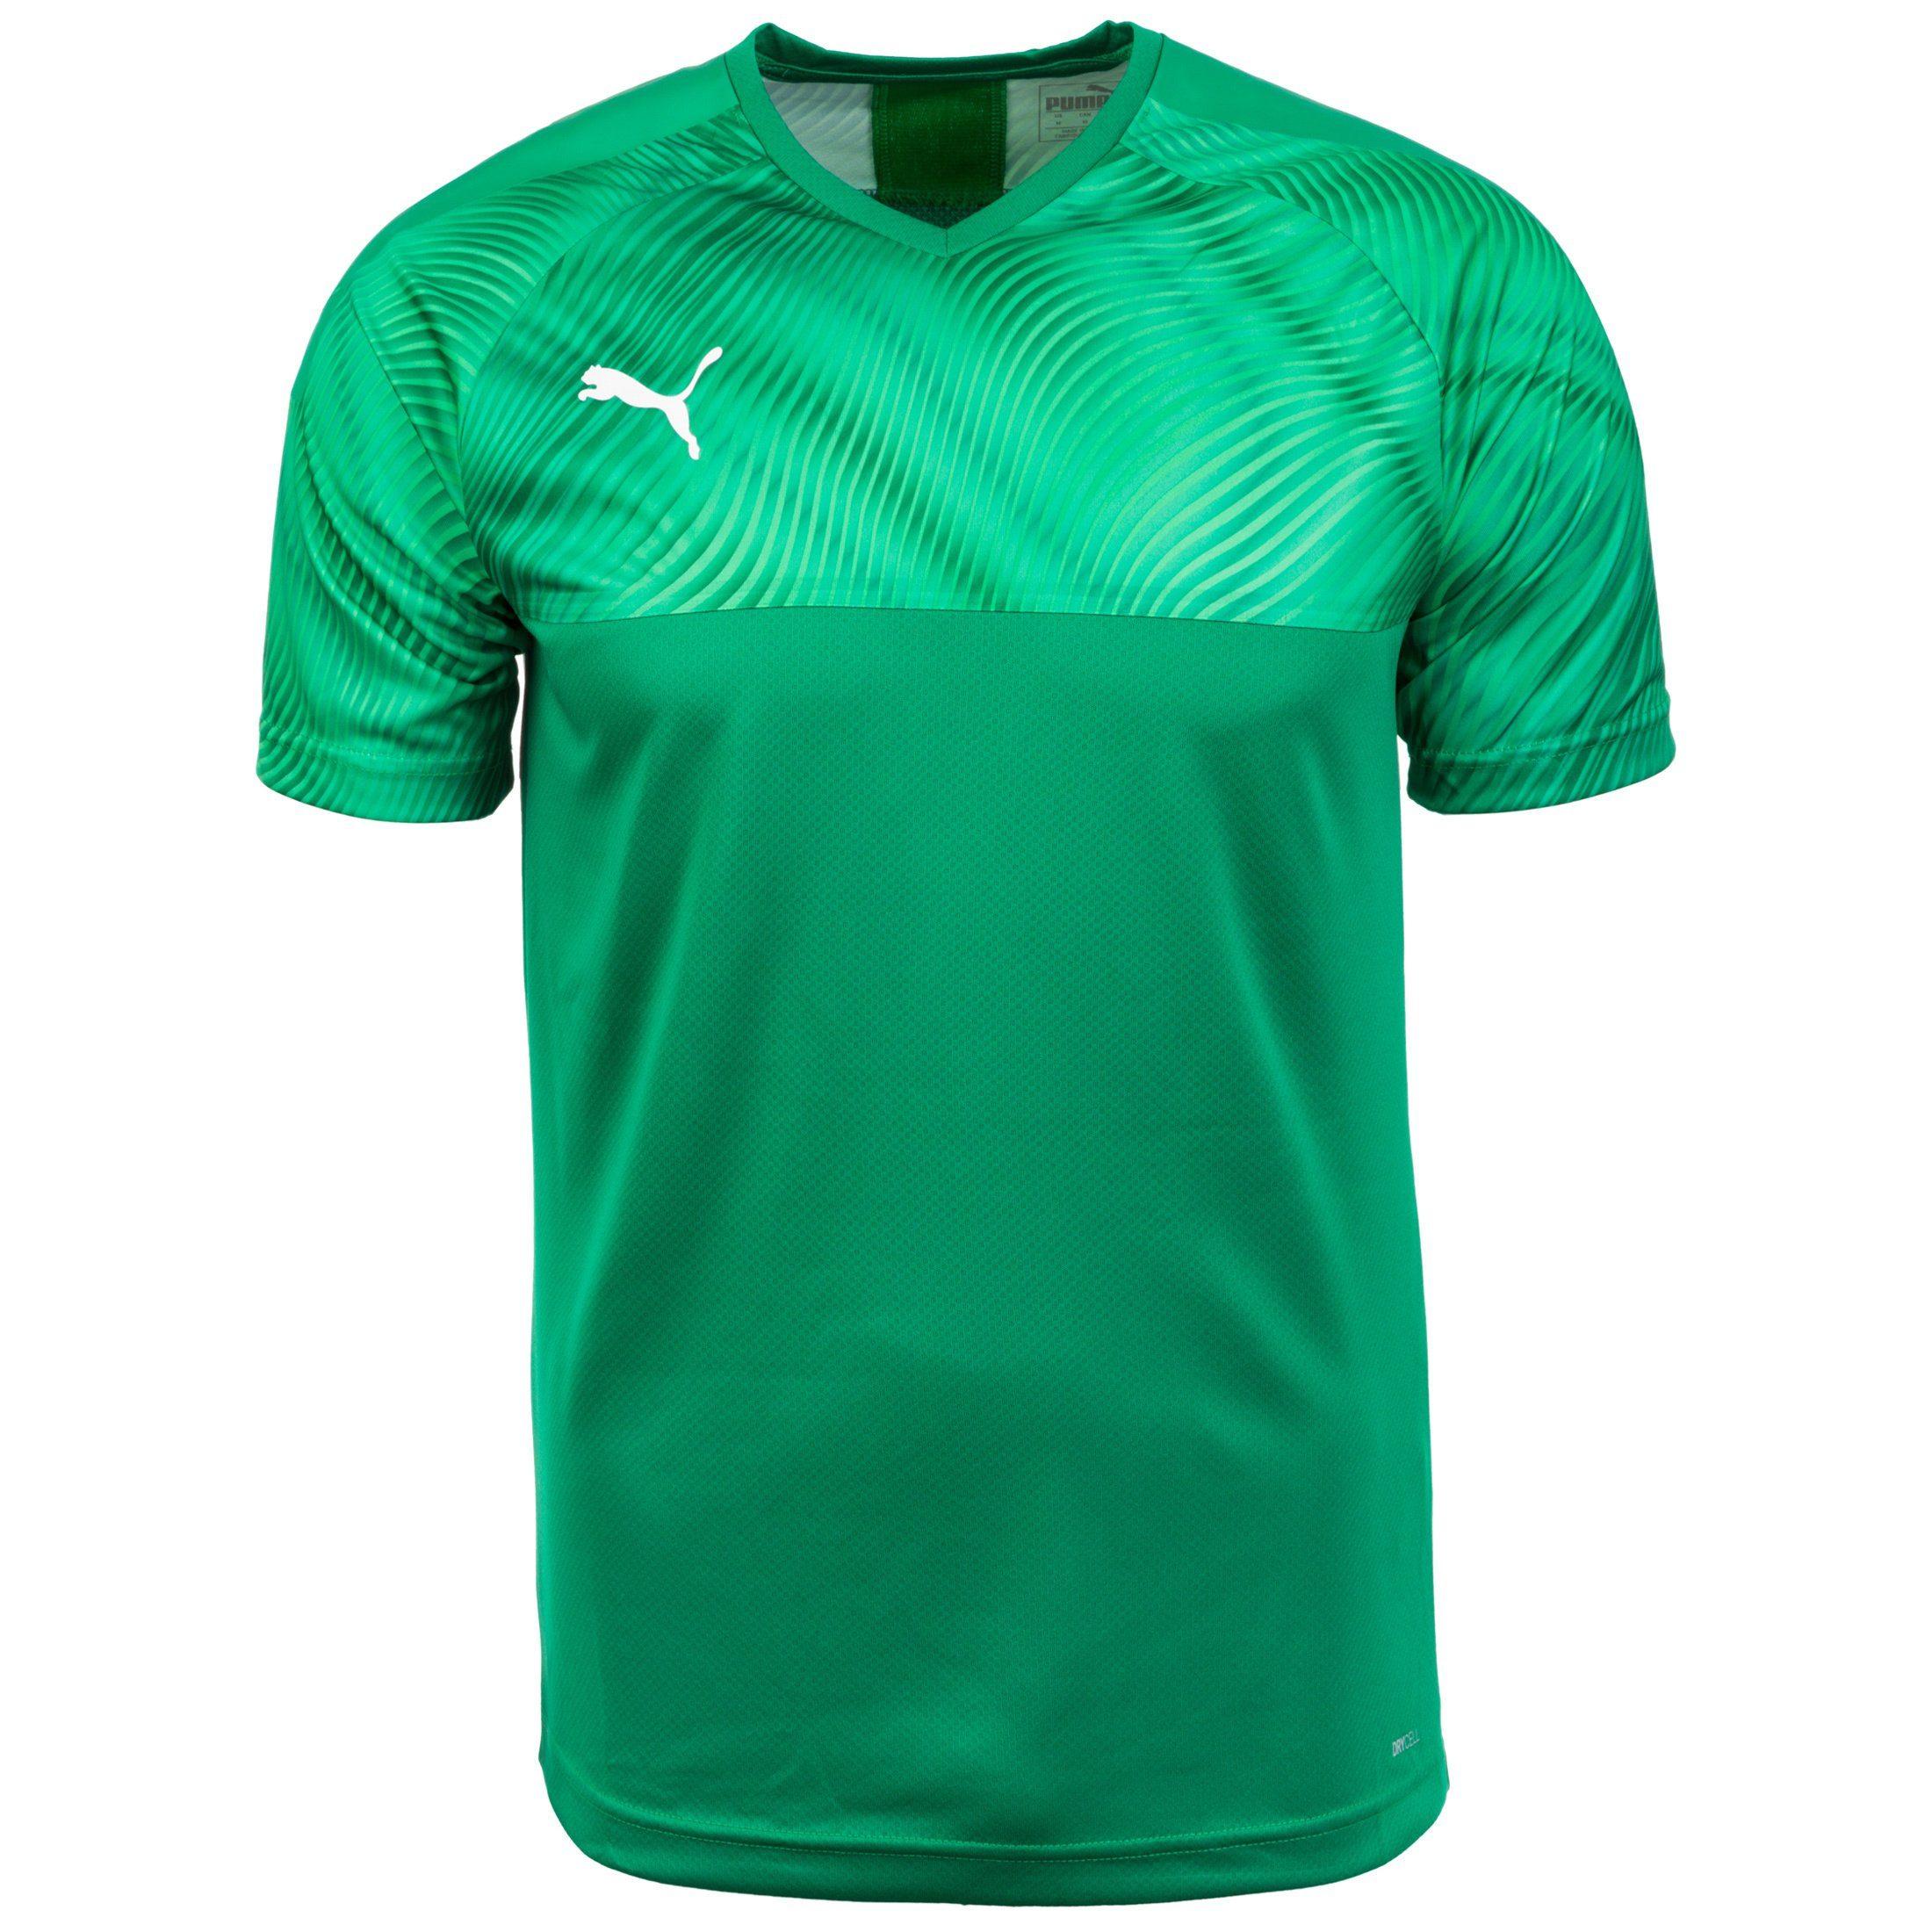 PUMA Fußballtrikot Cup | Sportbekleidung > Trikots > Fußballtrikots | Puma